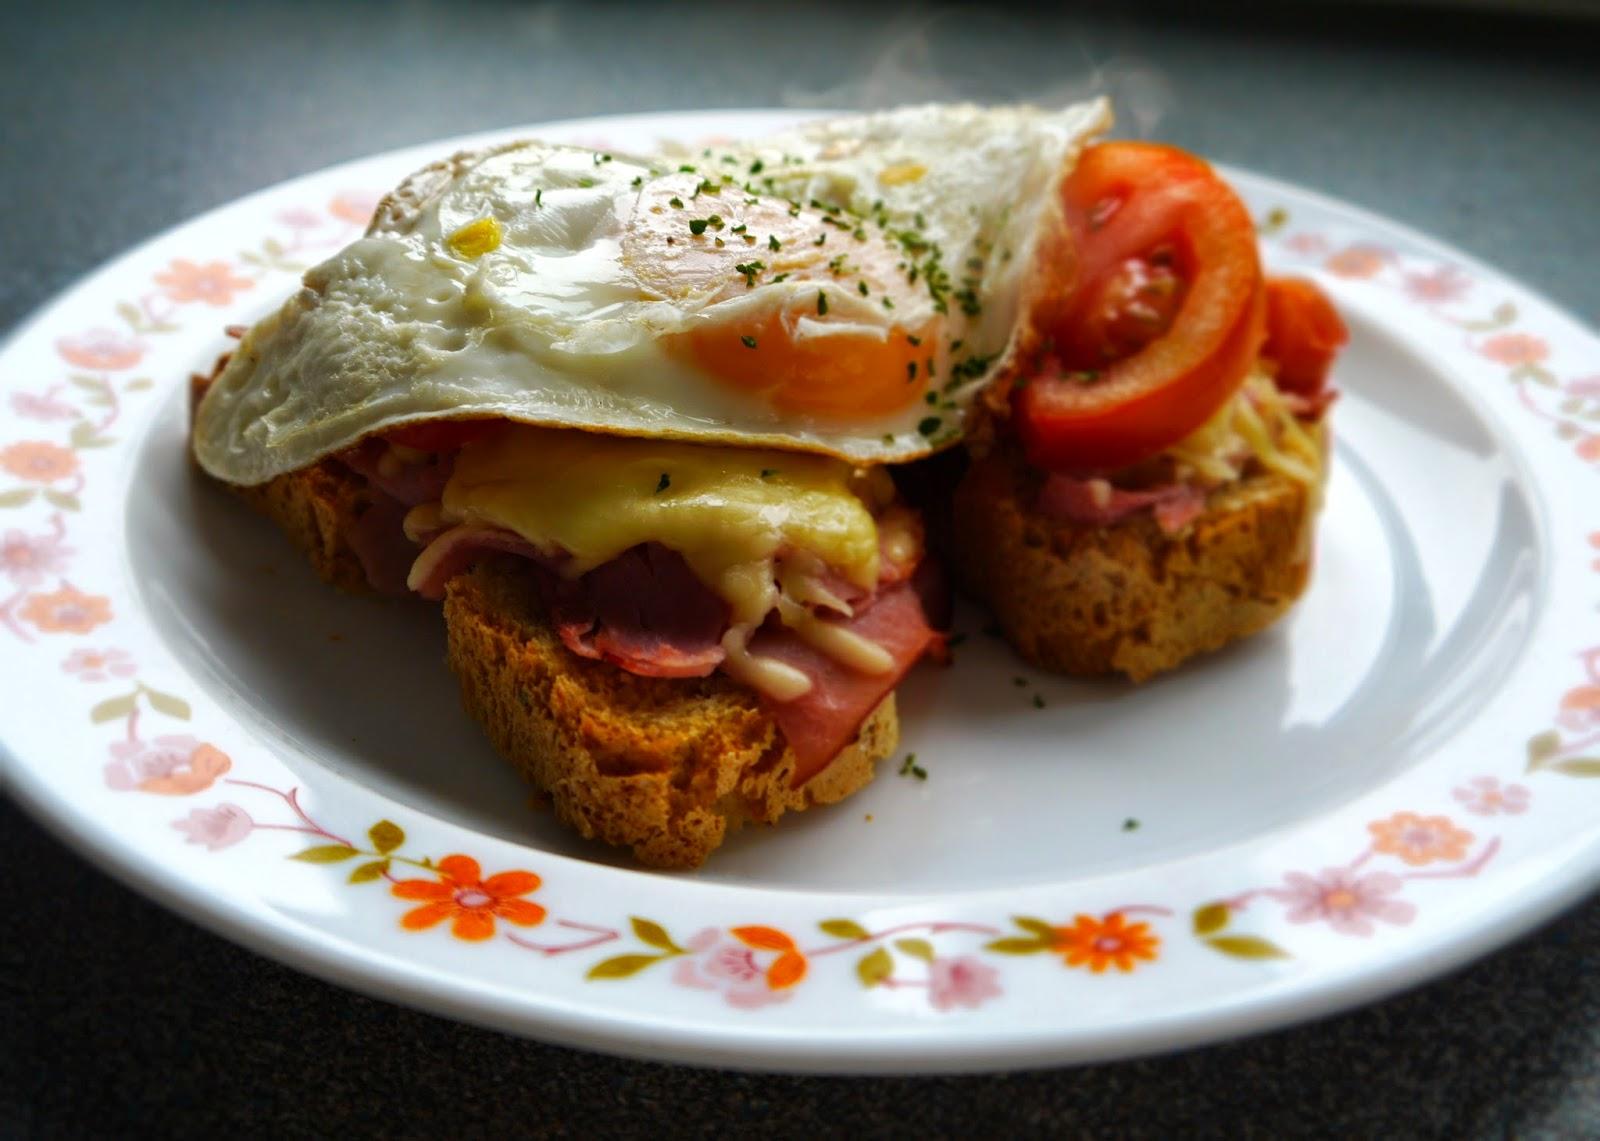 Breakfast on home baked bread